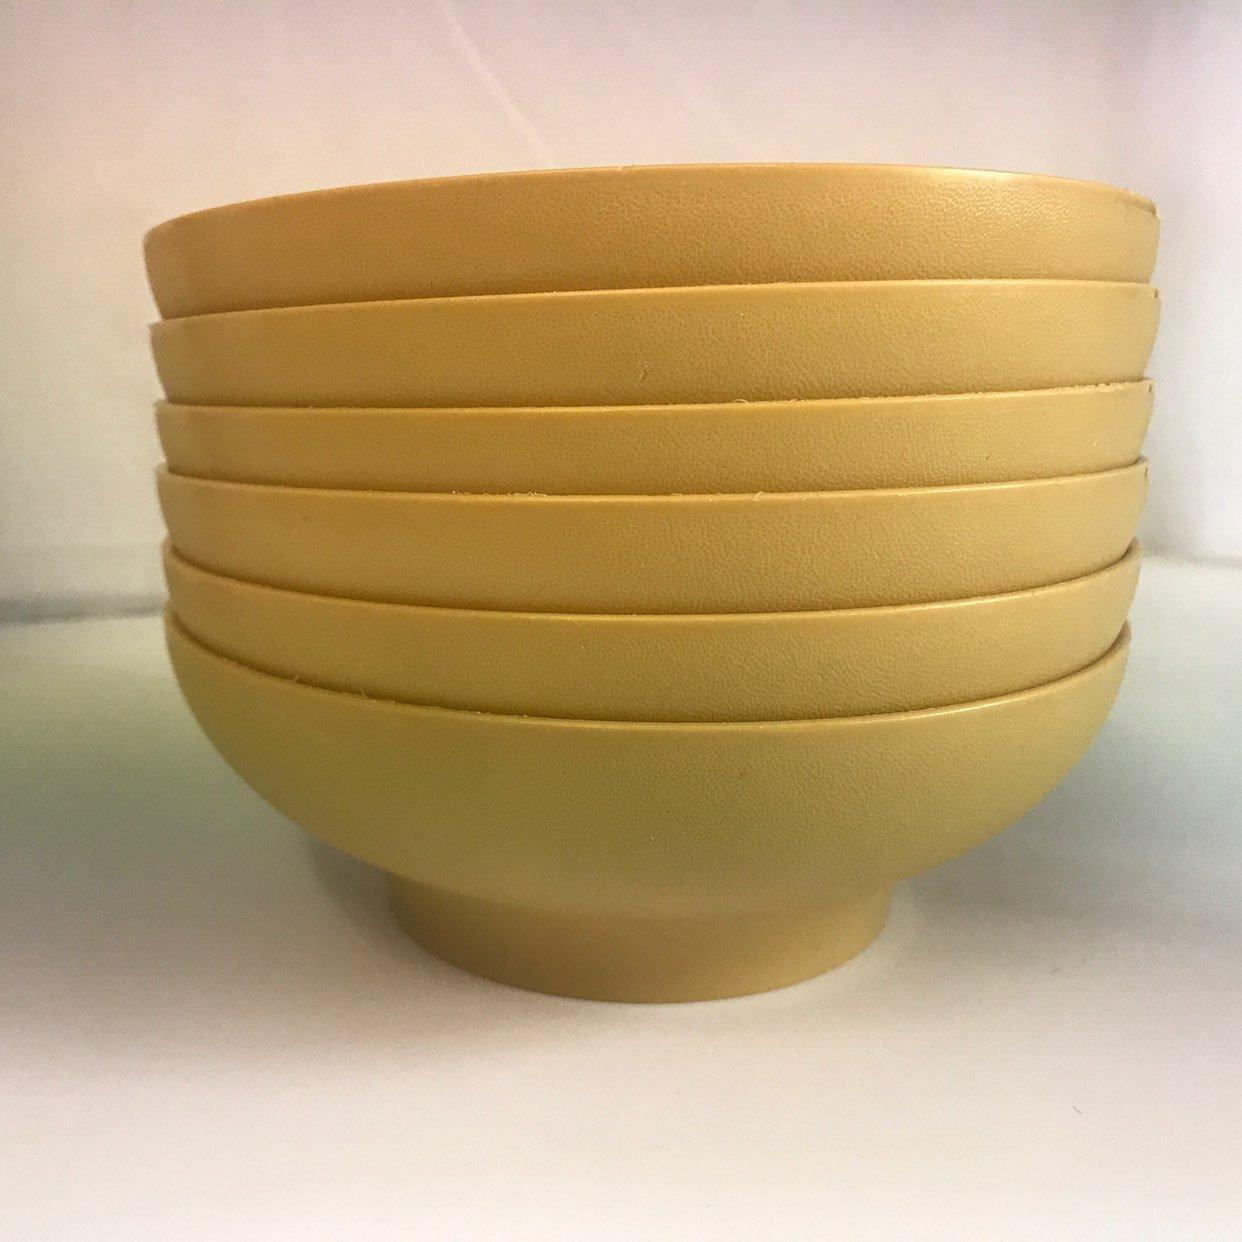 6 Tupperware Bowls & Blue Strainer